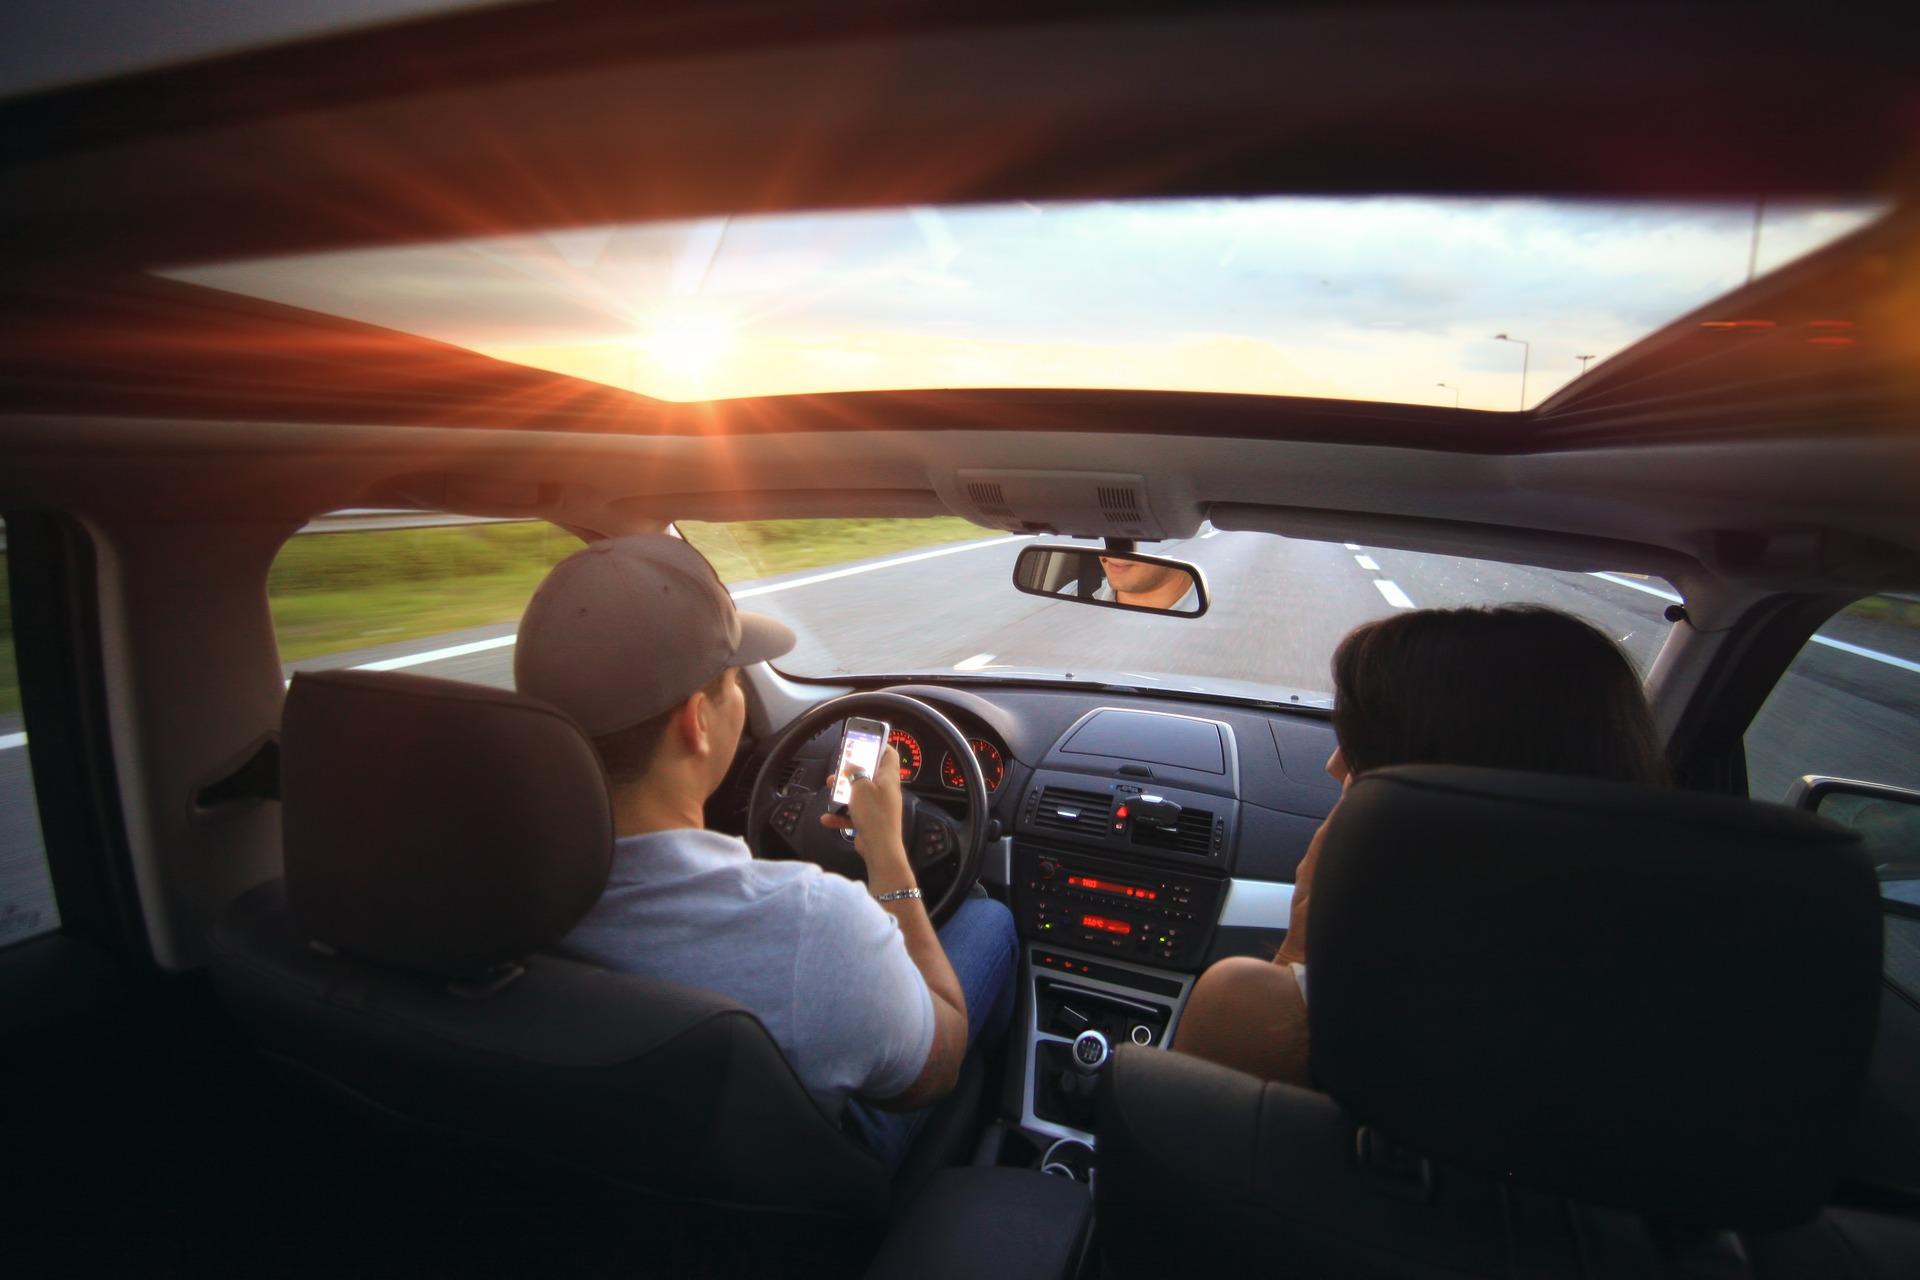 revisão do carro antes de viajar